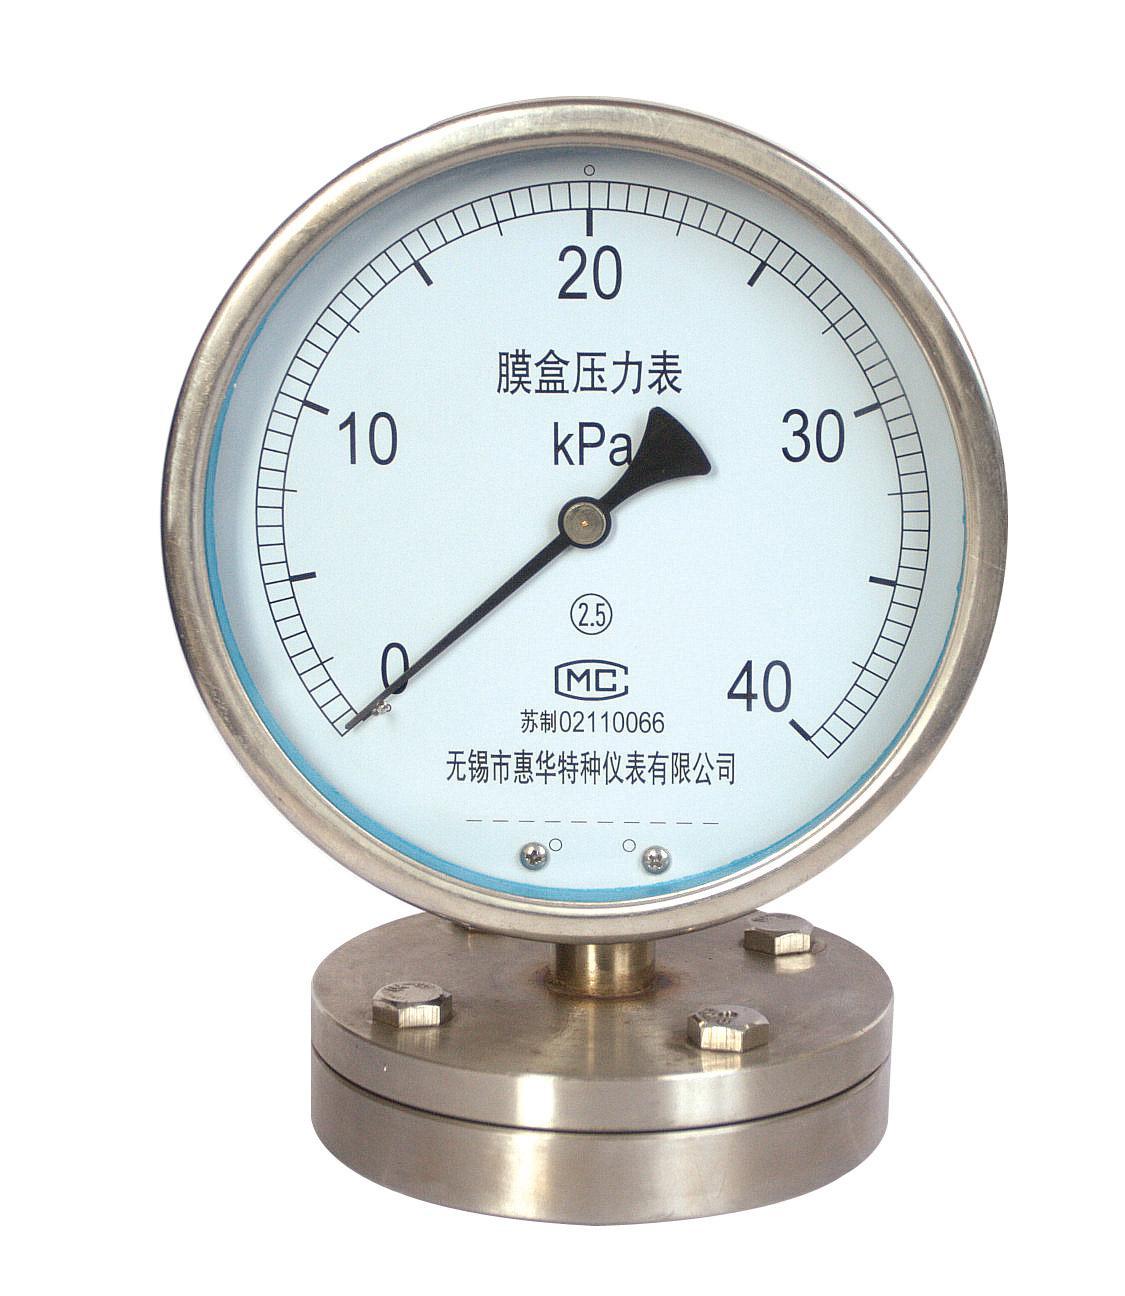 膜片壓力表 不鏽鋼膜片壓力表 1